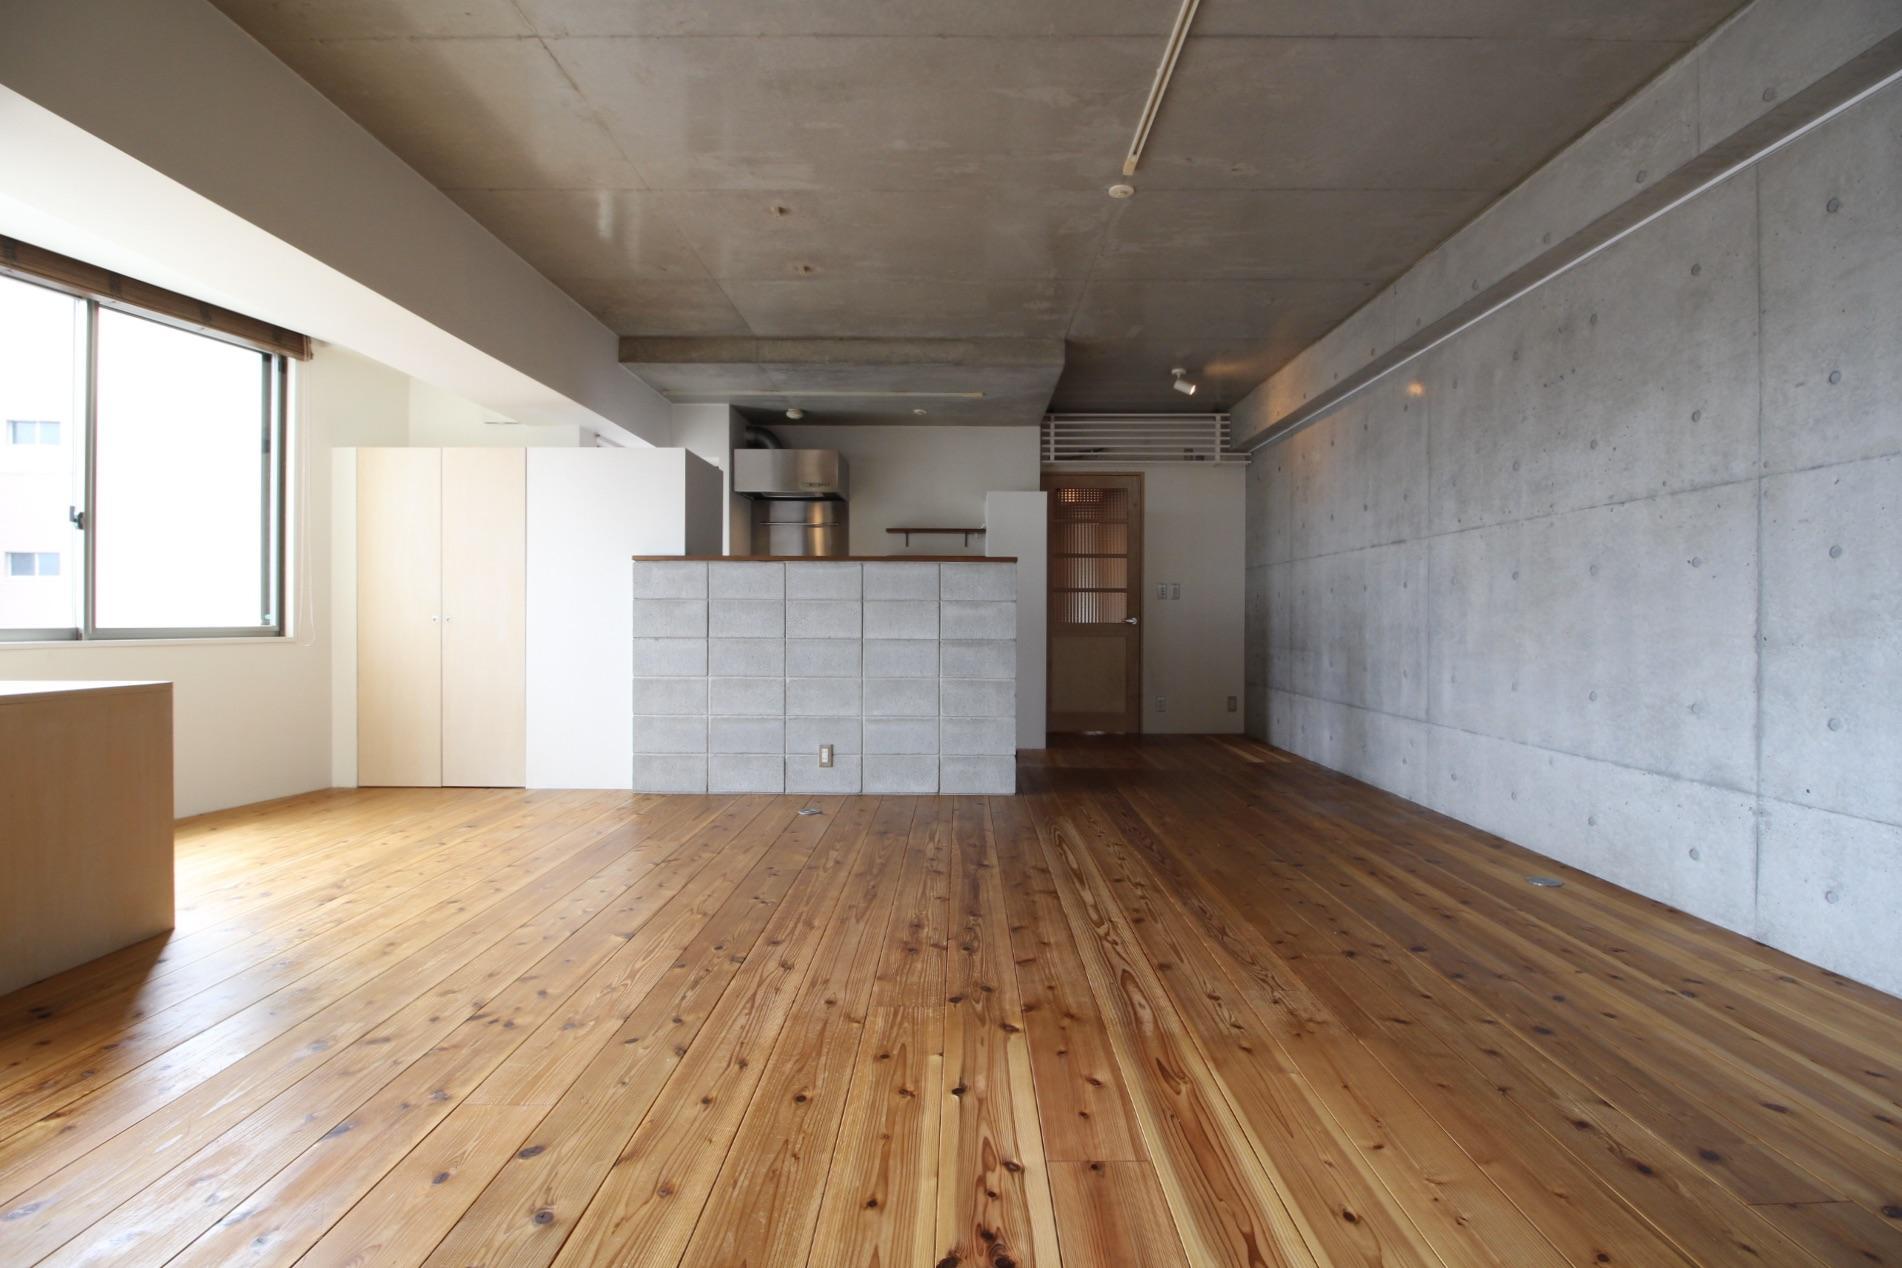 幅広の無垢杉の床にコンクリート打放と、窓辺は白の塗装仕上で光を取り入れる